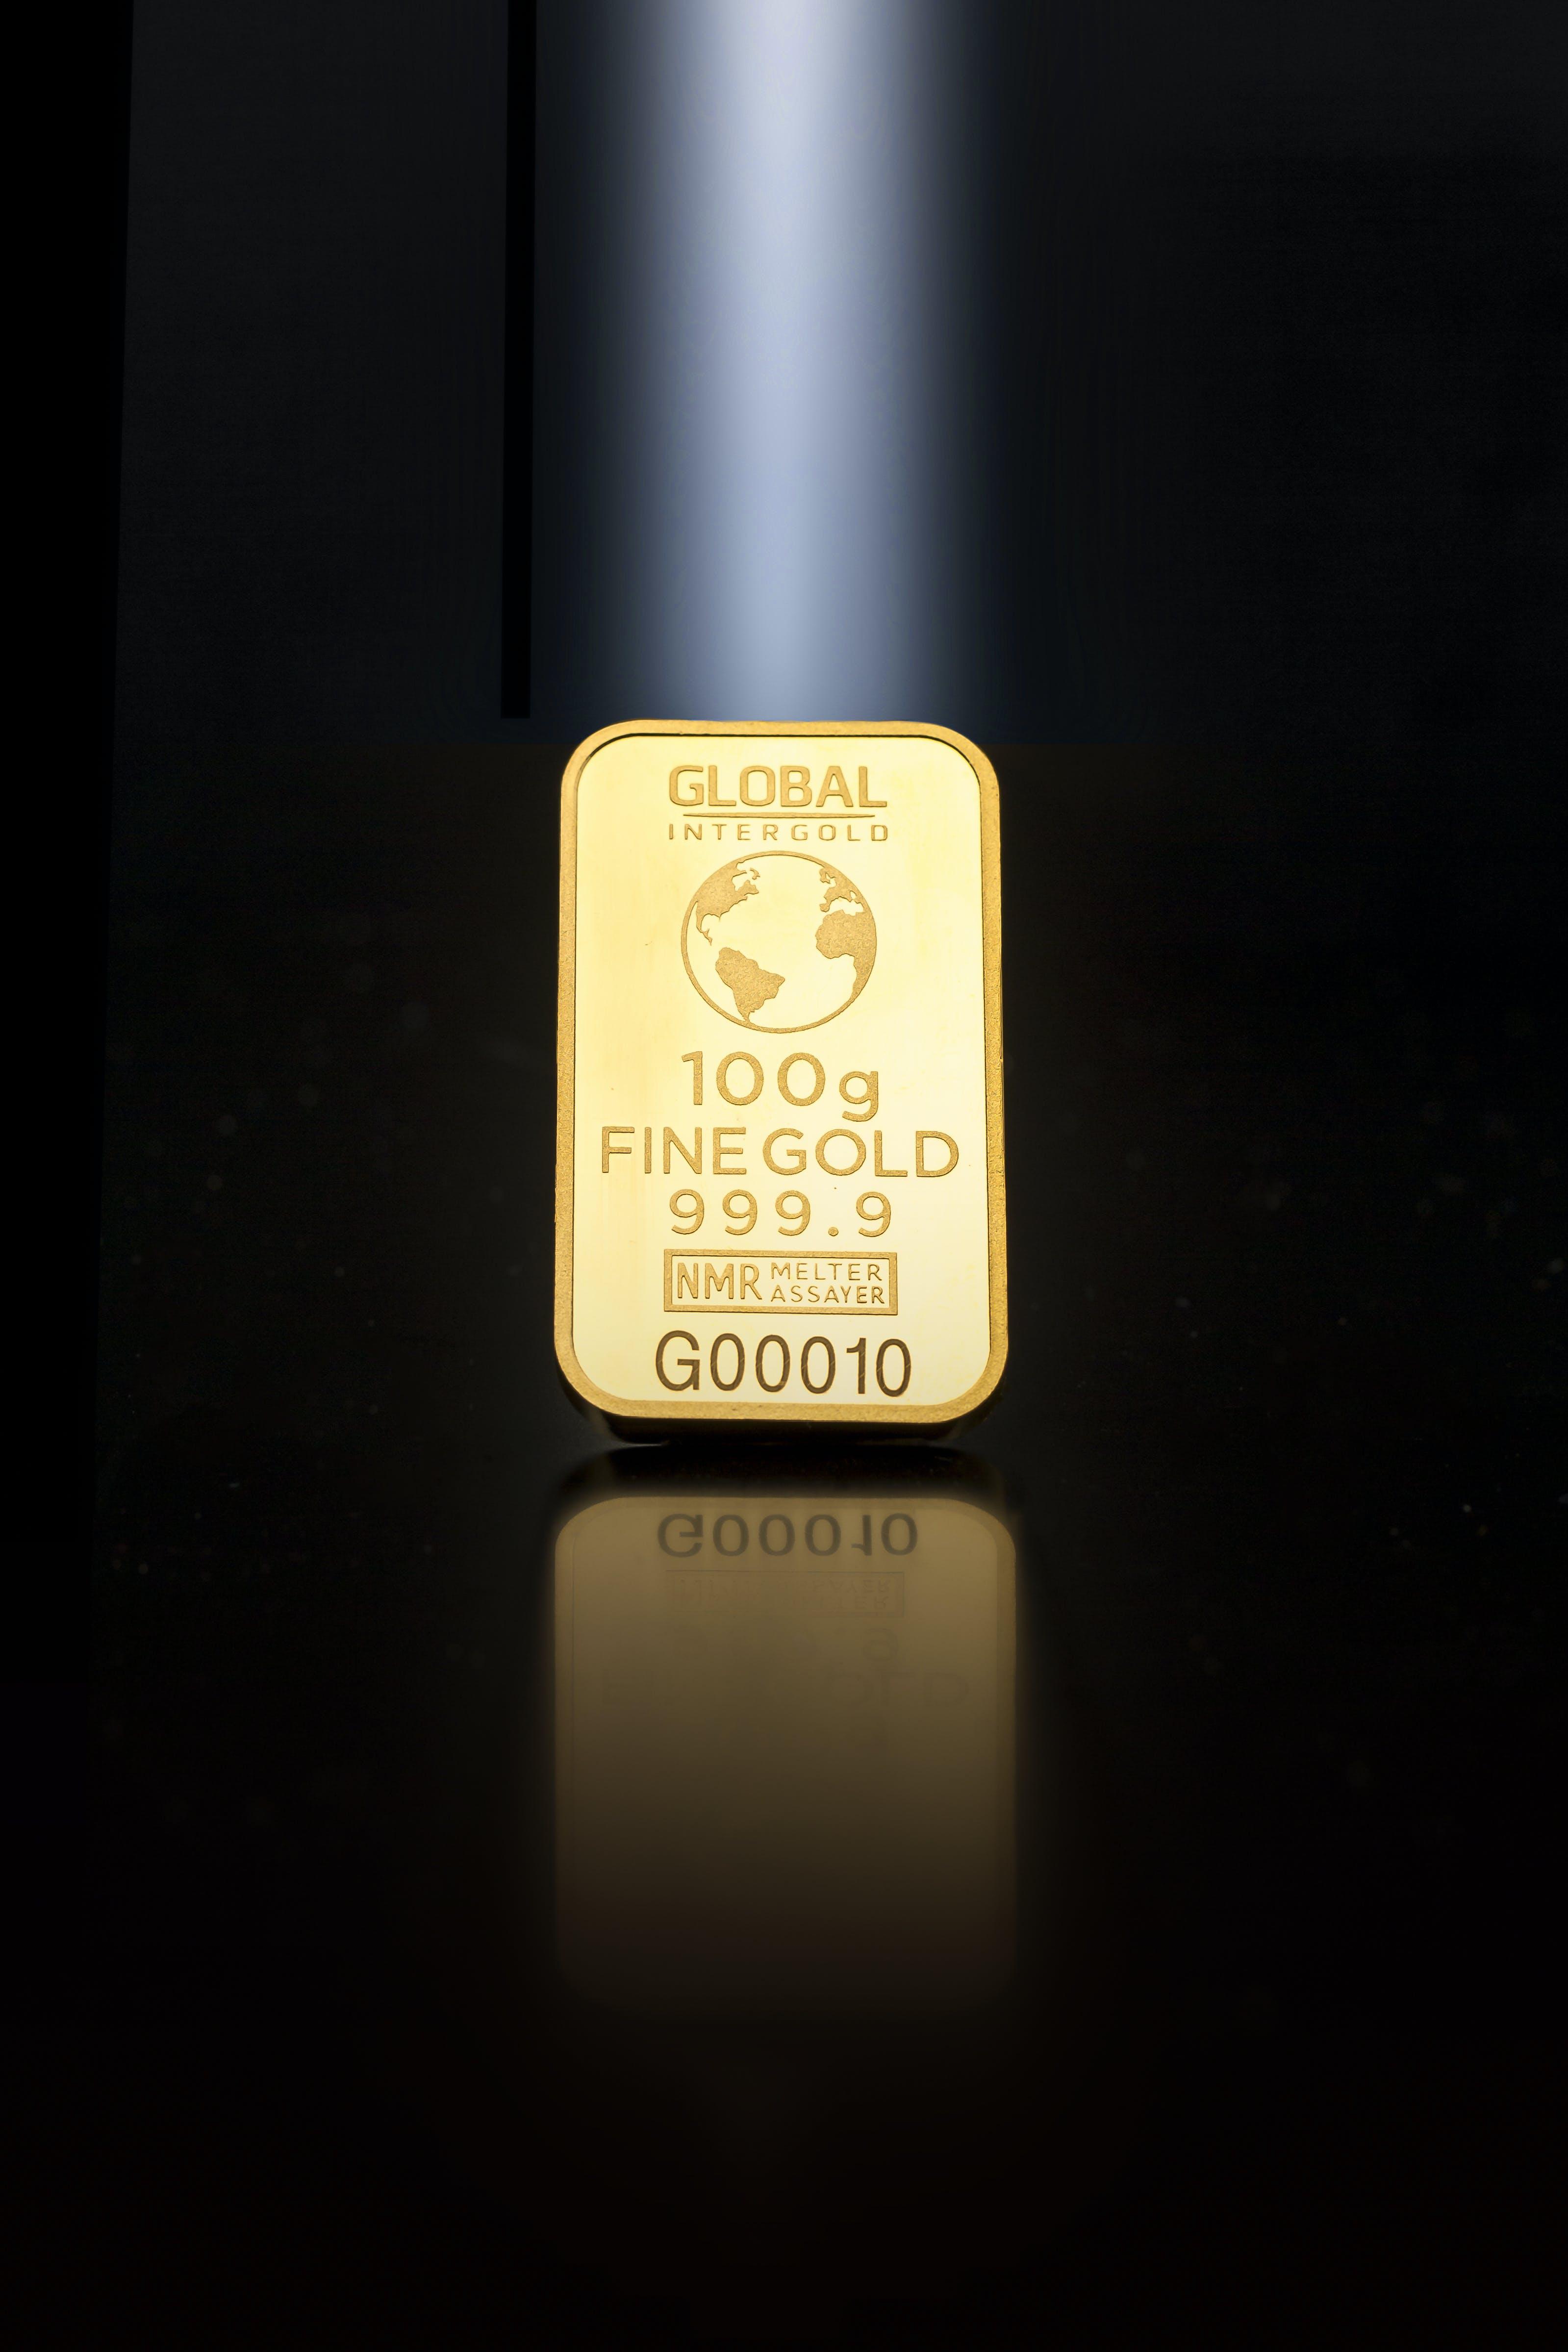 คลังภาพถ่ายฟรี ของ 100 กรัม, 999.9, intergold ทั่วโลก, การลงทุน